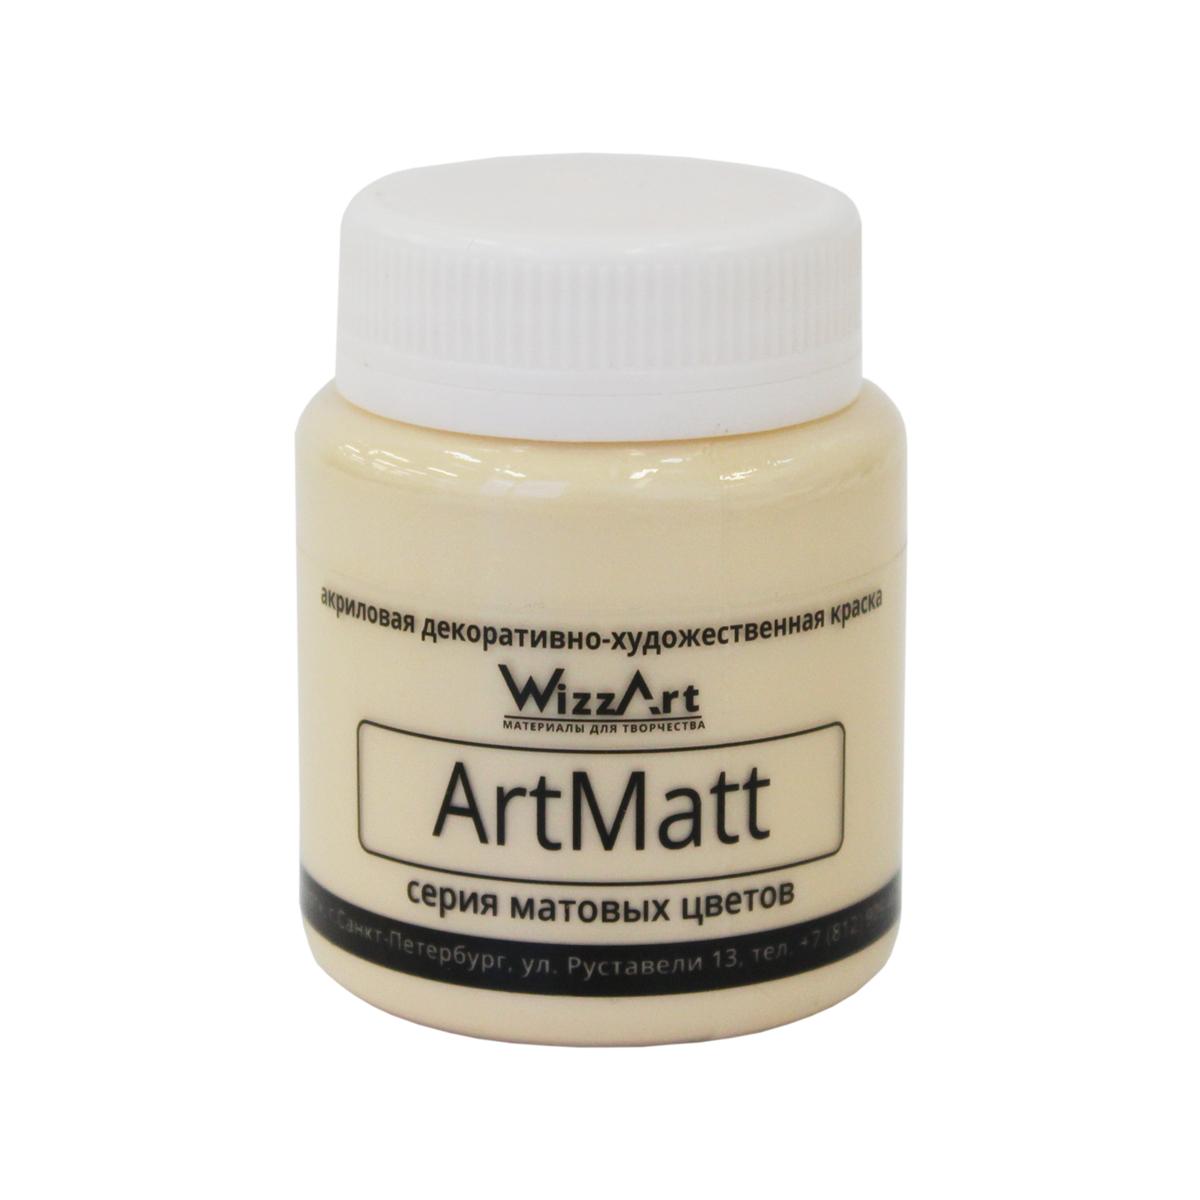 Краска акриловая WizzArt ArtMatt, цвет: телесный, 80 мл499999Серия декоративно-художественных красок ArtMatt от компании WizzArt после высыхания образует ровную матовую поверхность. Богатая палитра оттенков позволит художнику или рукодельнице с легкостью реализовать свою творческую идею. Чистые, глубокие и насыщенные оттенки акриловых красок серии ArtMatt обладают повышенной светостойкостью. Матовая акриловая краска смотрится очень интересно, а в сочетании с глянцевой краской можно создать необычные композиционные акценты в своем рисунке. Акриловые краски WizzArt нетоксичны, ровно ложатся, подходят практически для любой поверхности, а потому востребованы в огромном количестве различных направлений творчества. Ими можно не только писать картины, но и расписывать посуду и сувениры, декорировать украшения и элементы интерьера, использовать во флористике, декупаже, скрапбукинге. Краски от компании WizzArt имеют высокое качество при вполне доступной цене, что делает их одной из наиболее привлекательных позиций в магазинах товаров для творчества.Перед использованием необходимо перемешать.Объем: 80 мл.Товар сертифицирован.